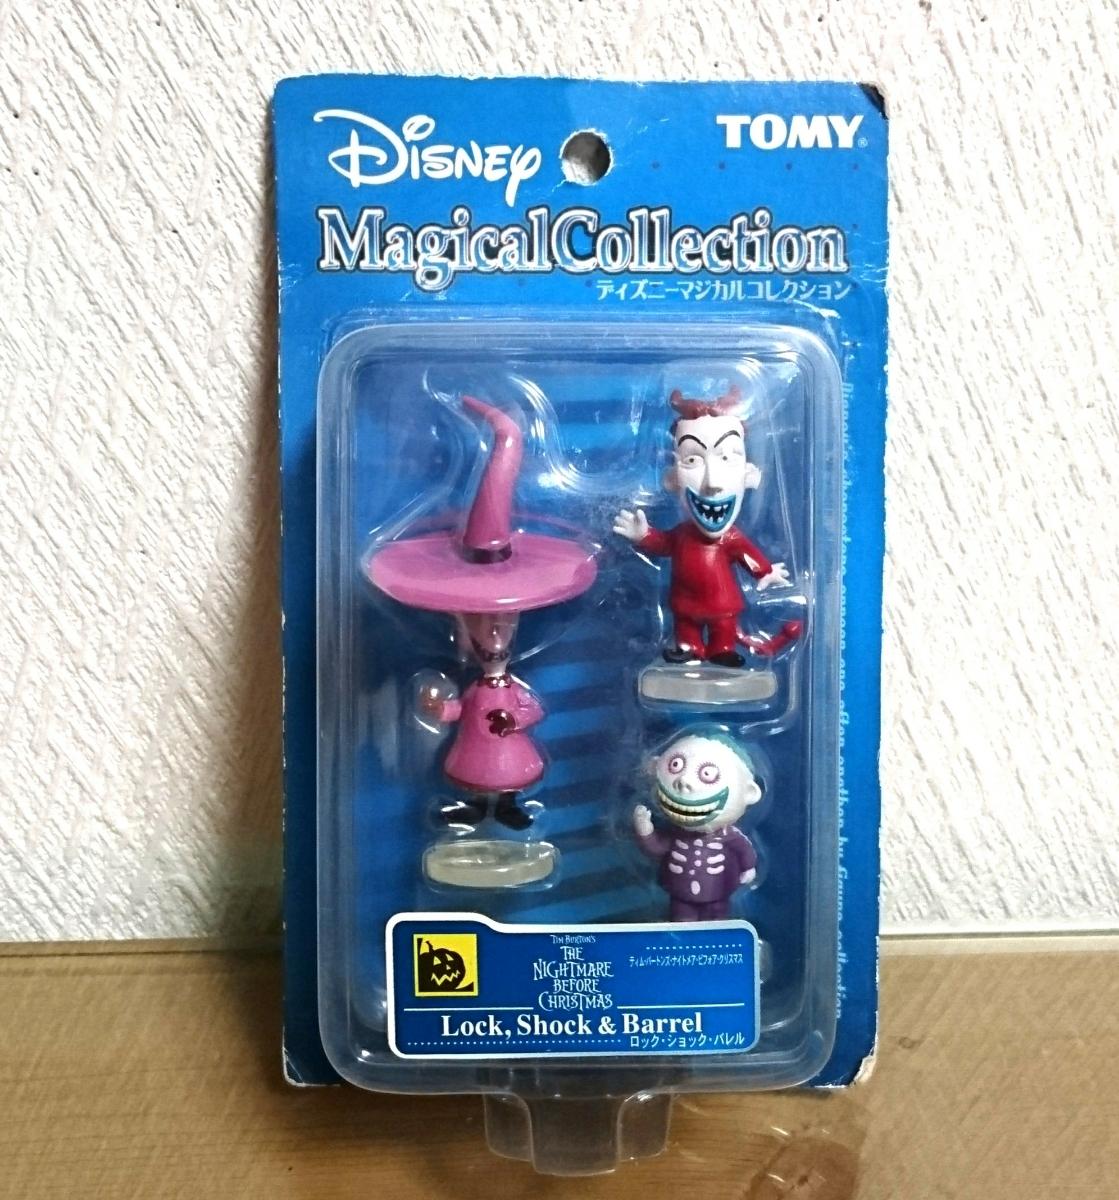 ディズニー マジカルコレクション115 ロック ショック バレル ナイトメアビフォアクリスマス フィギュア_画像1